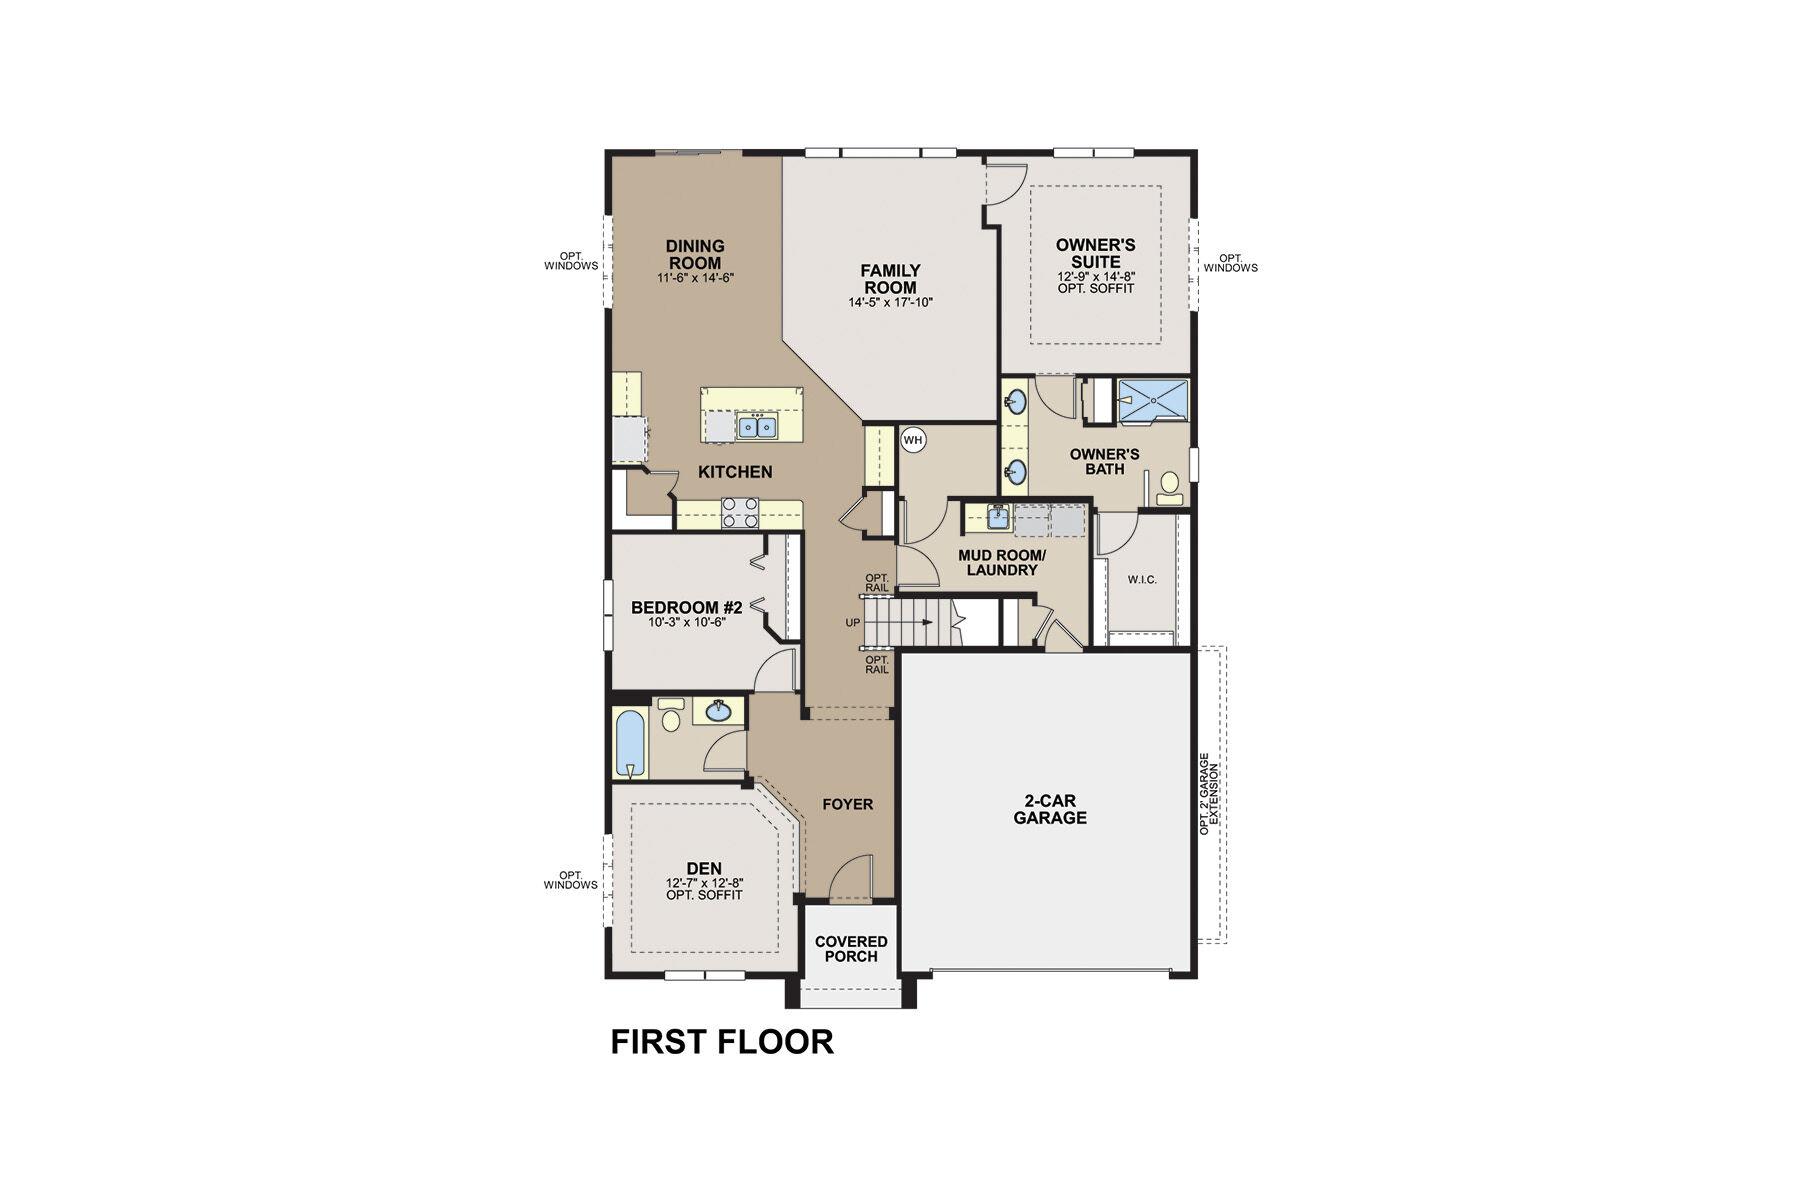 Aspen First Floor